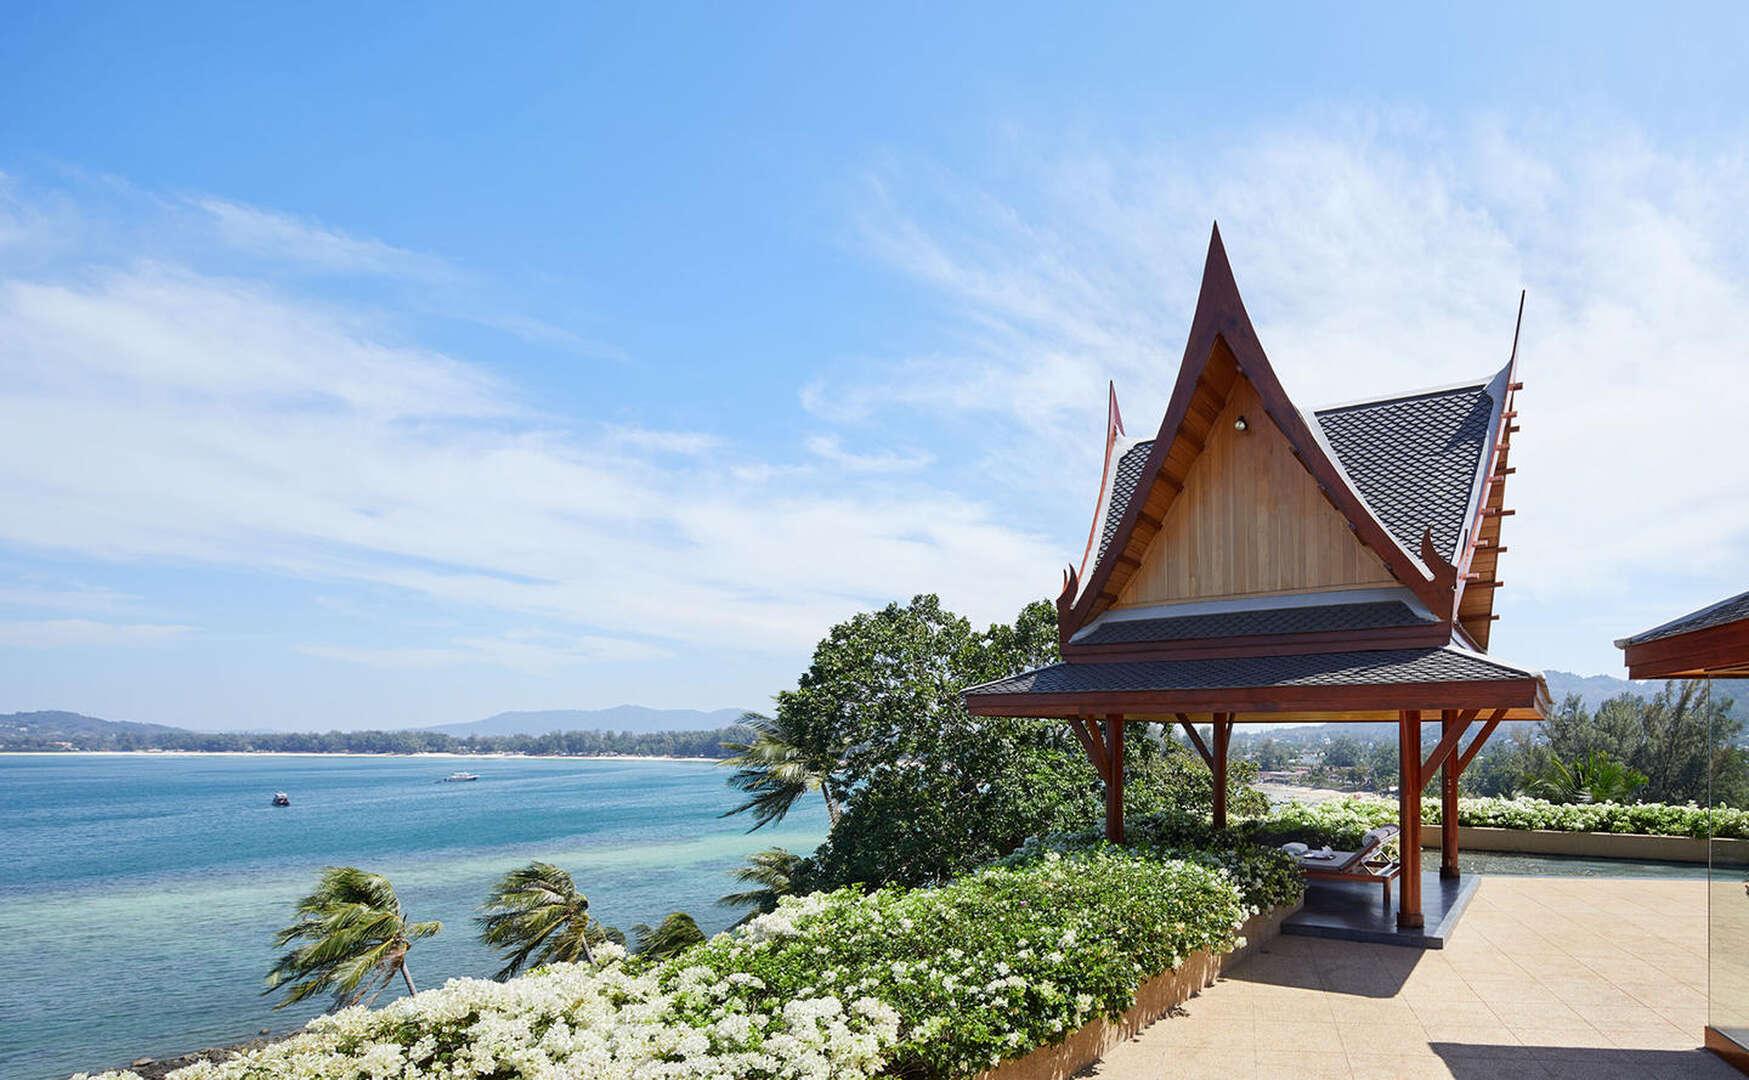 - 7 BDM Ocean Villa - Image 1/14